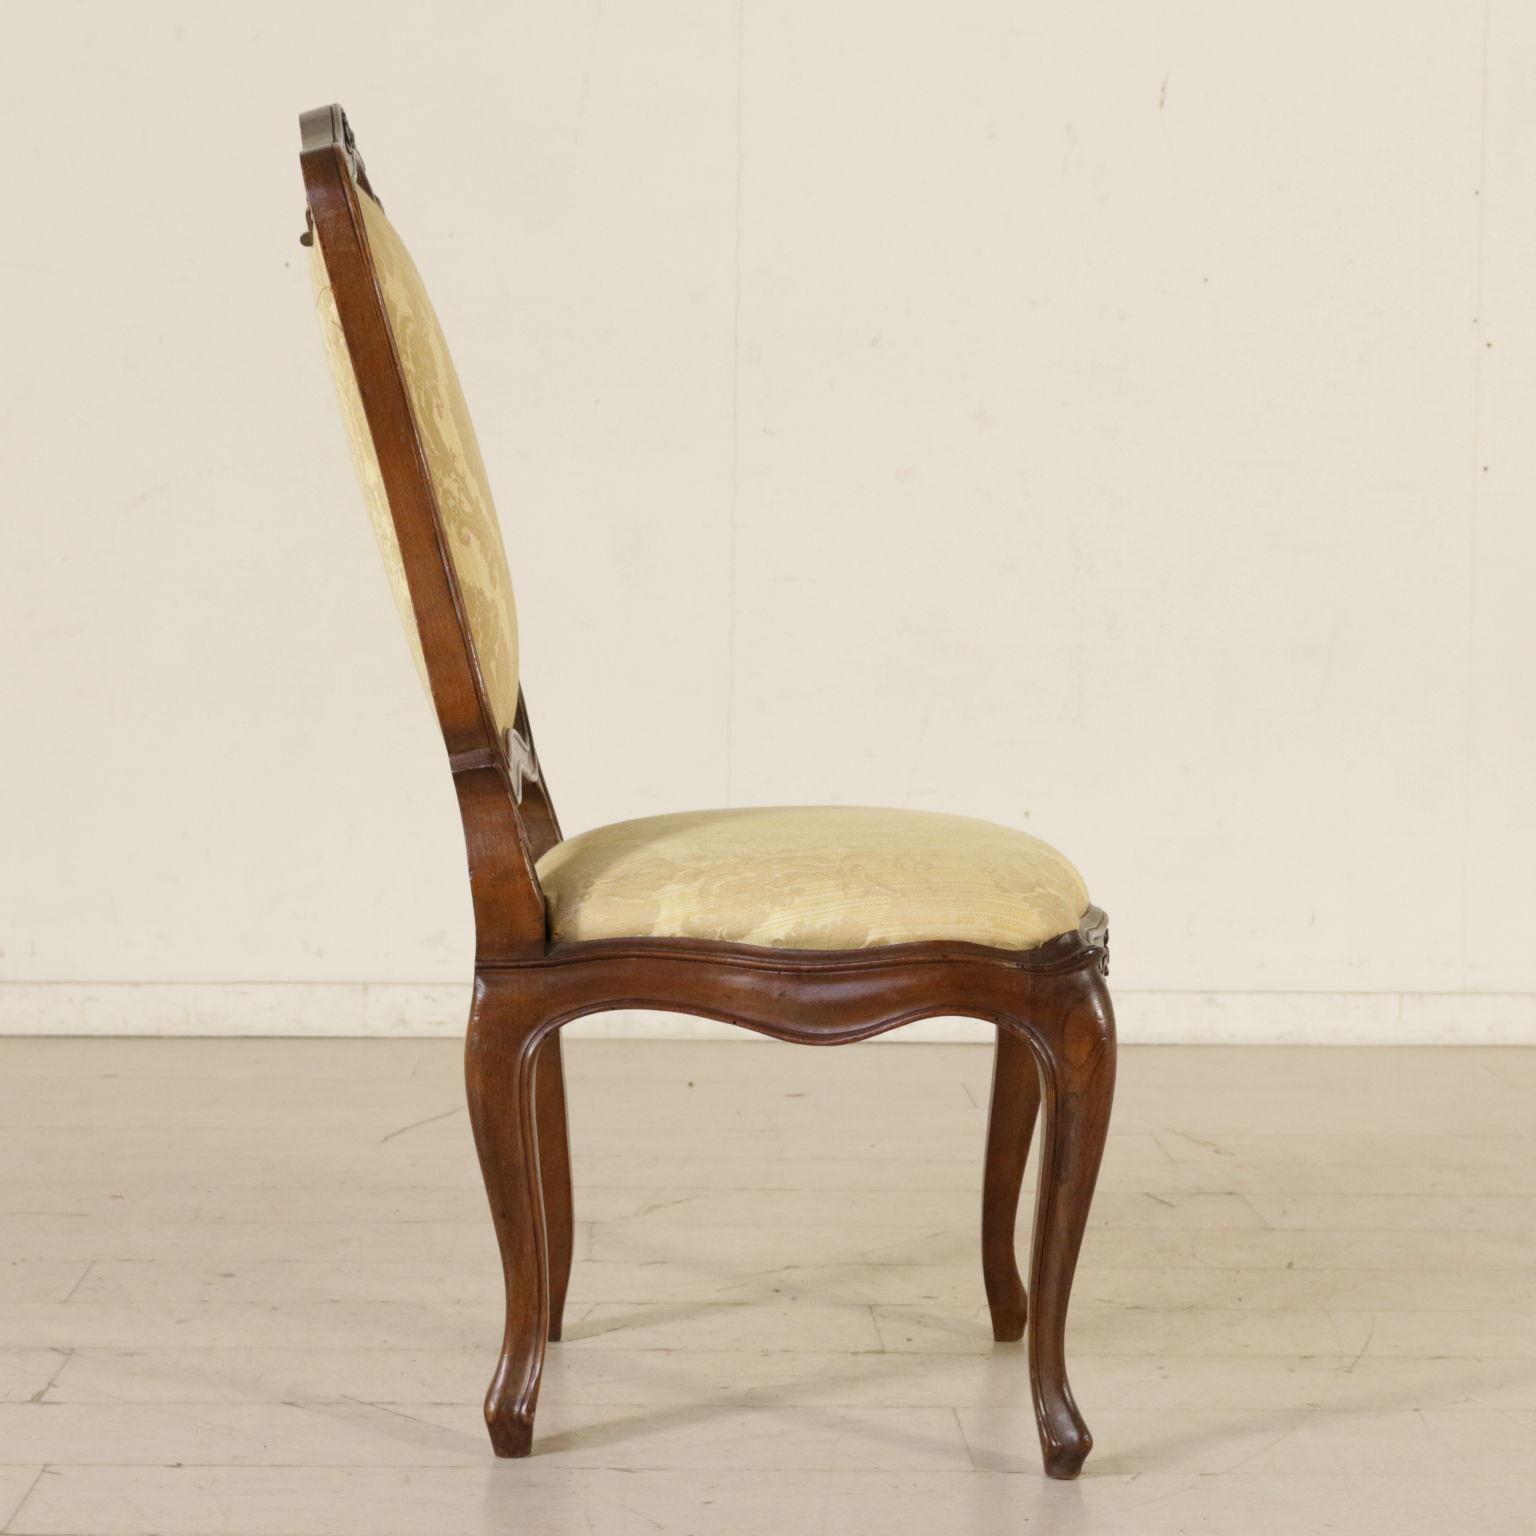 Sedie Poltrone Antiche.Gruppo Di Quattro Sedie Di Cui Una Antica Sedie Poltrone